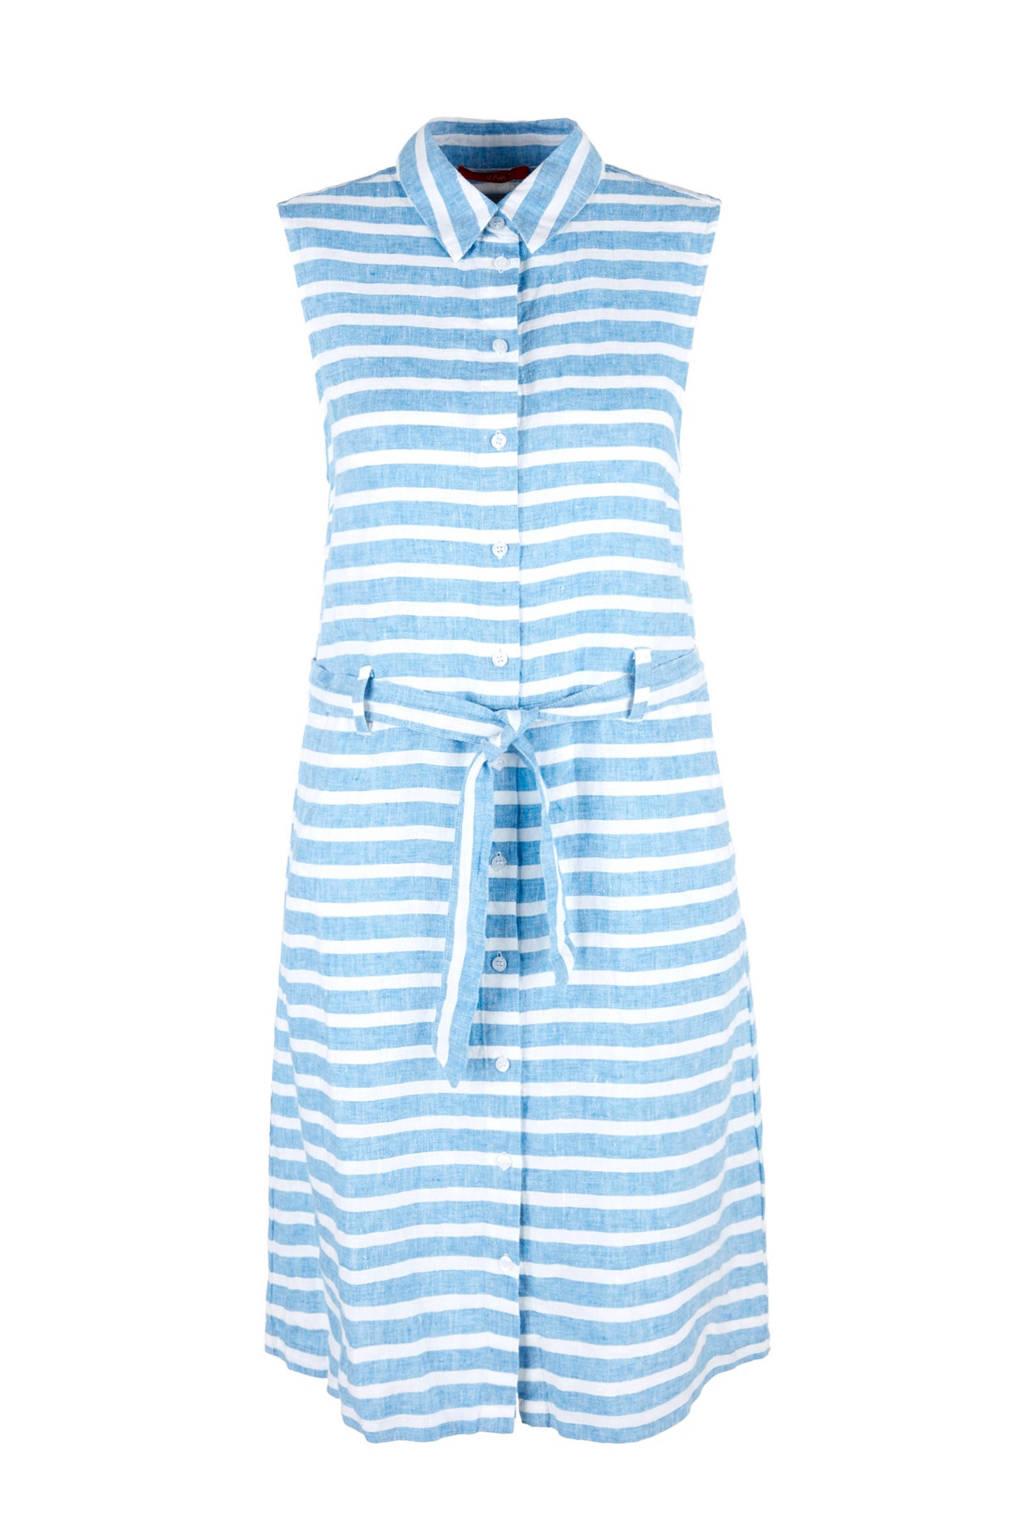 s.Oliver gestreepte linnen blouse jurk blauw, Lichtblauw/wit